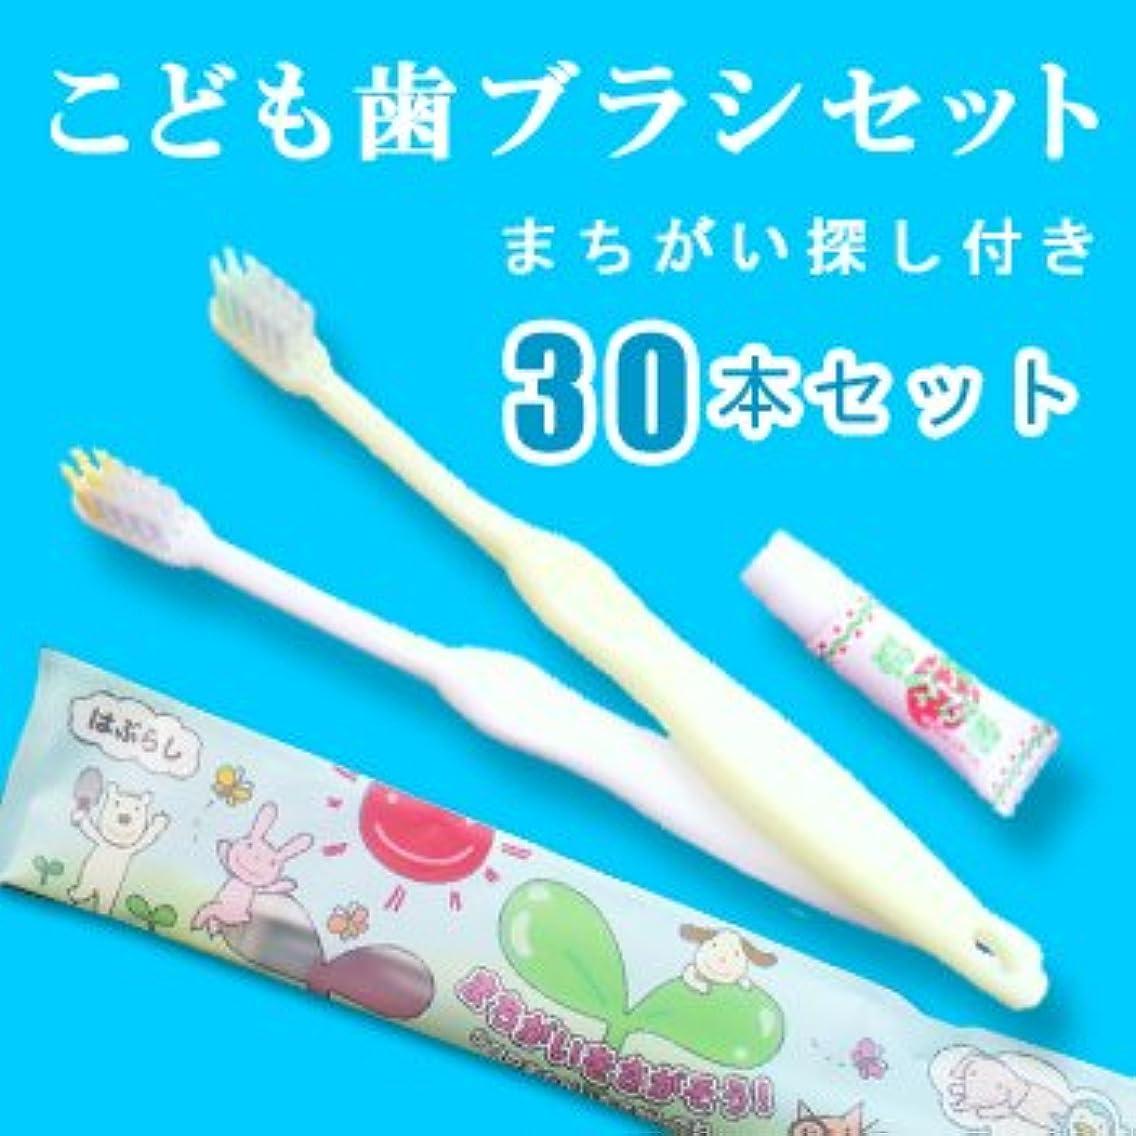 墓せがむトレーニングこども歯ブラシ いちご味の歯磨き粉3gチューブ付 ホワイト?イエロー各15本アソート(1セット30本)